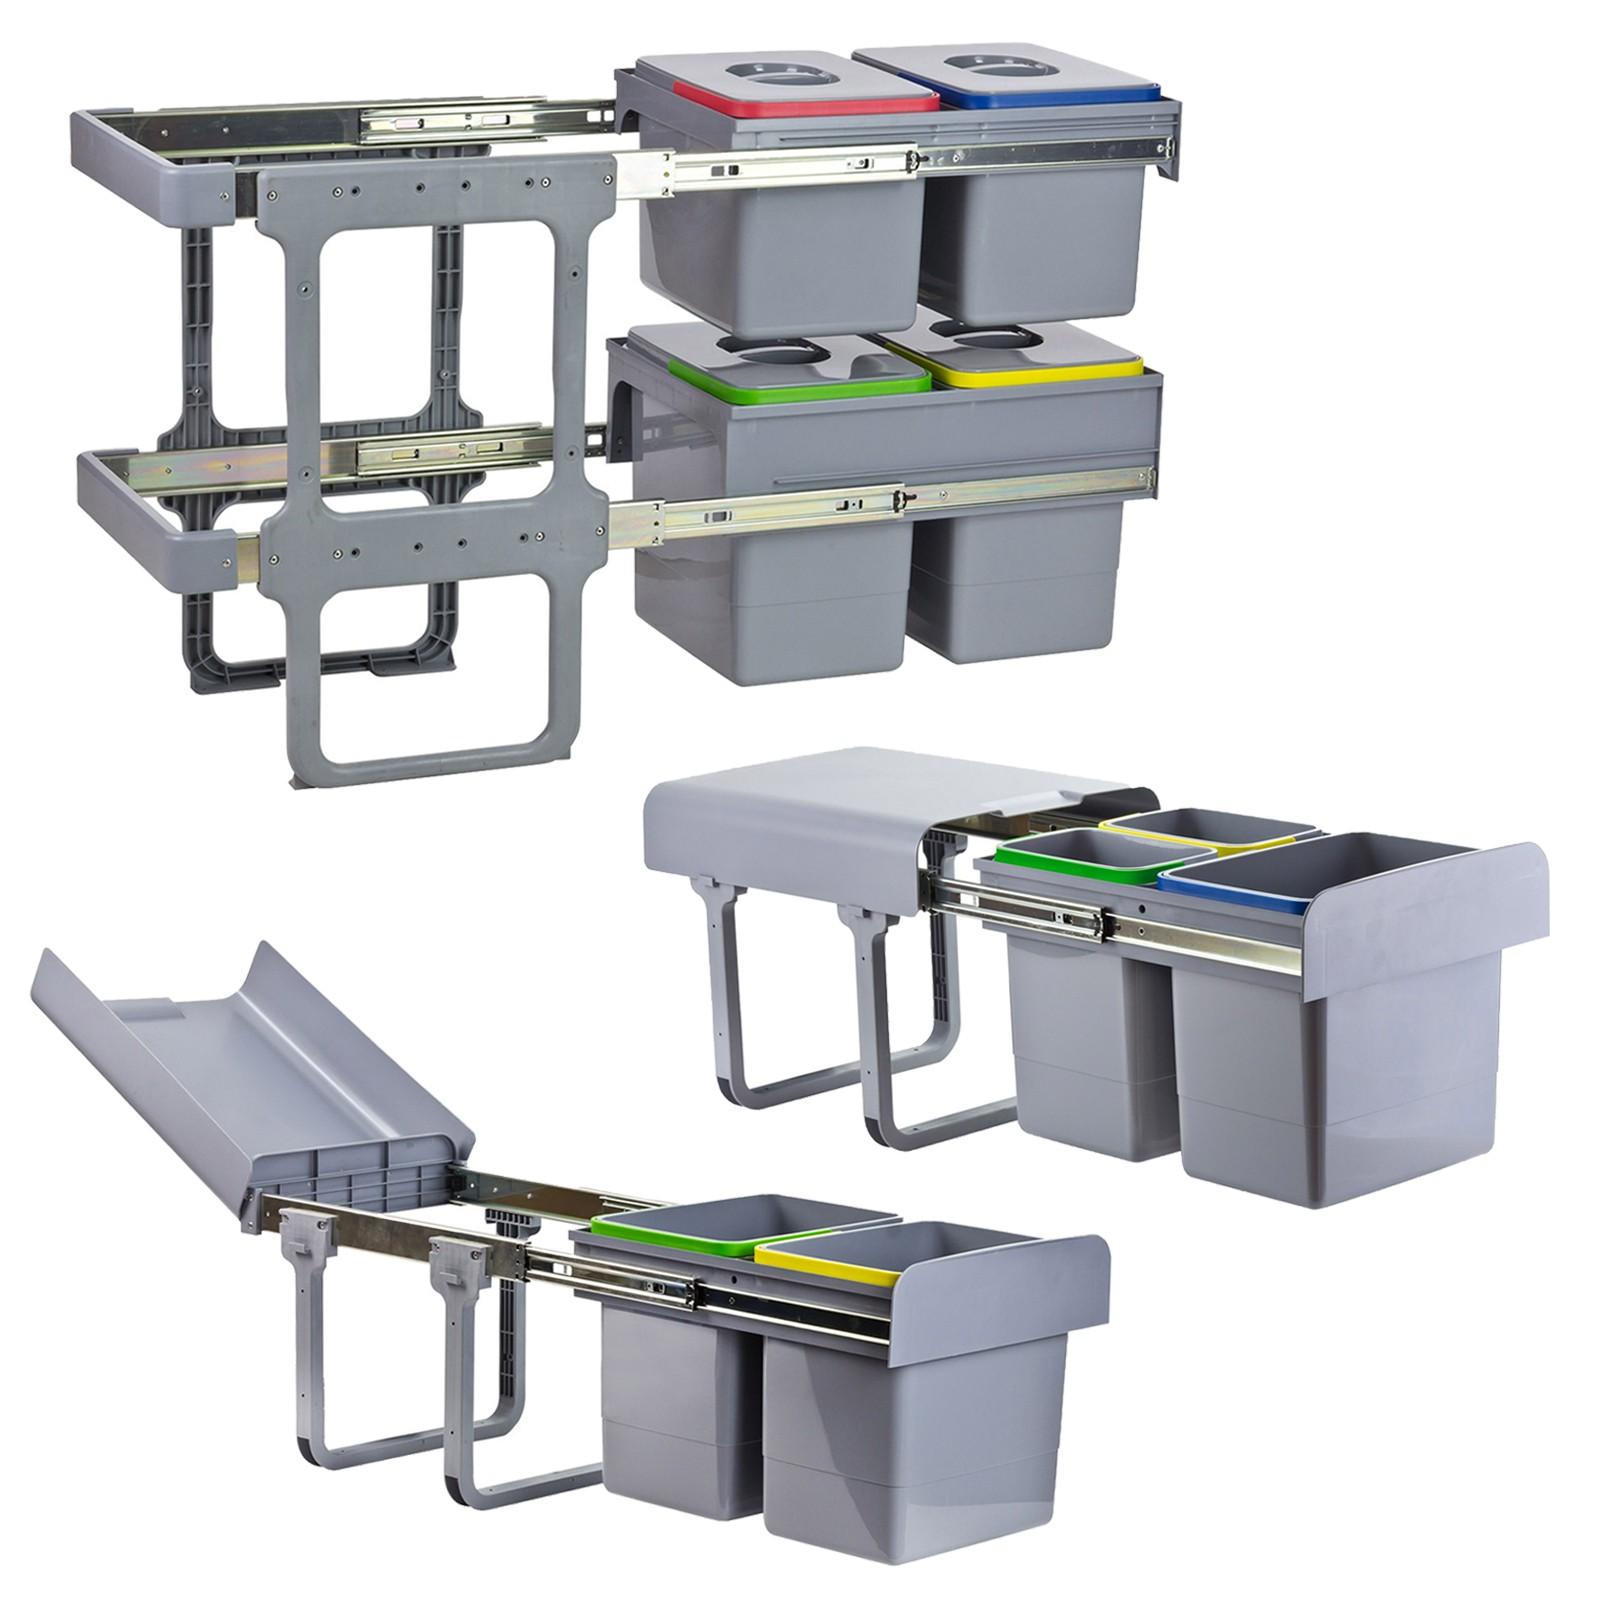 Abfallbehälter Für Die Küche: Mülleimer Vollauszug